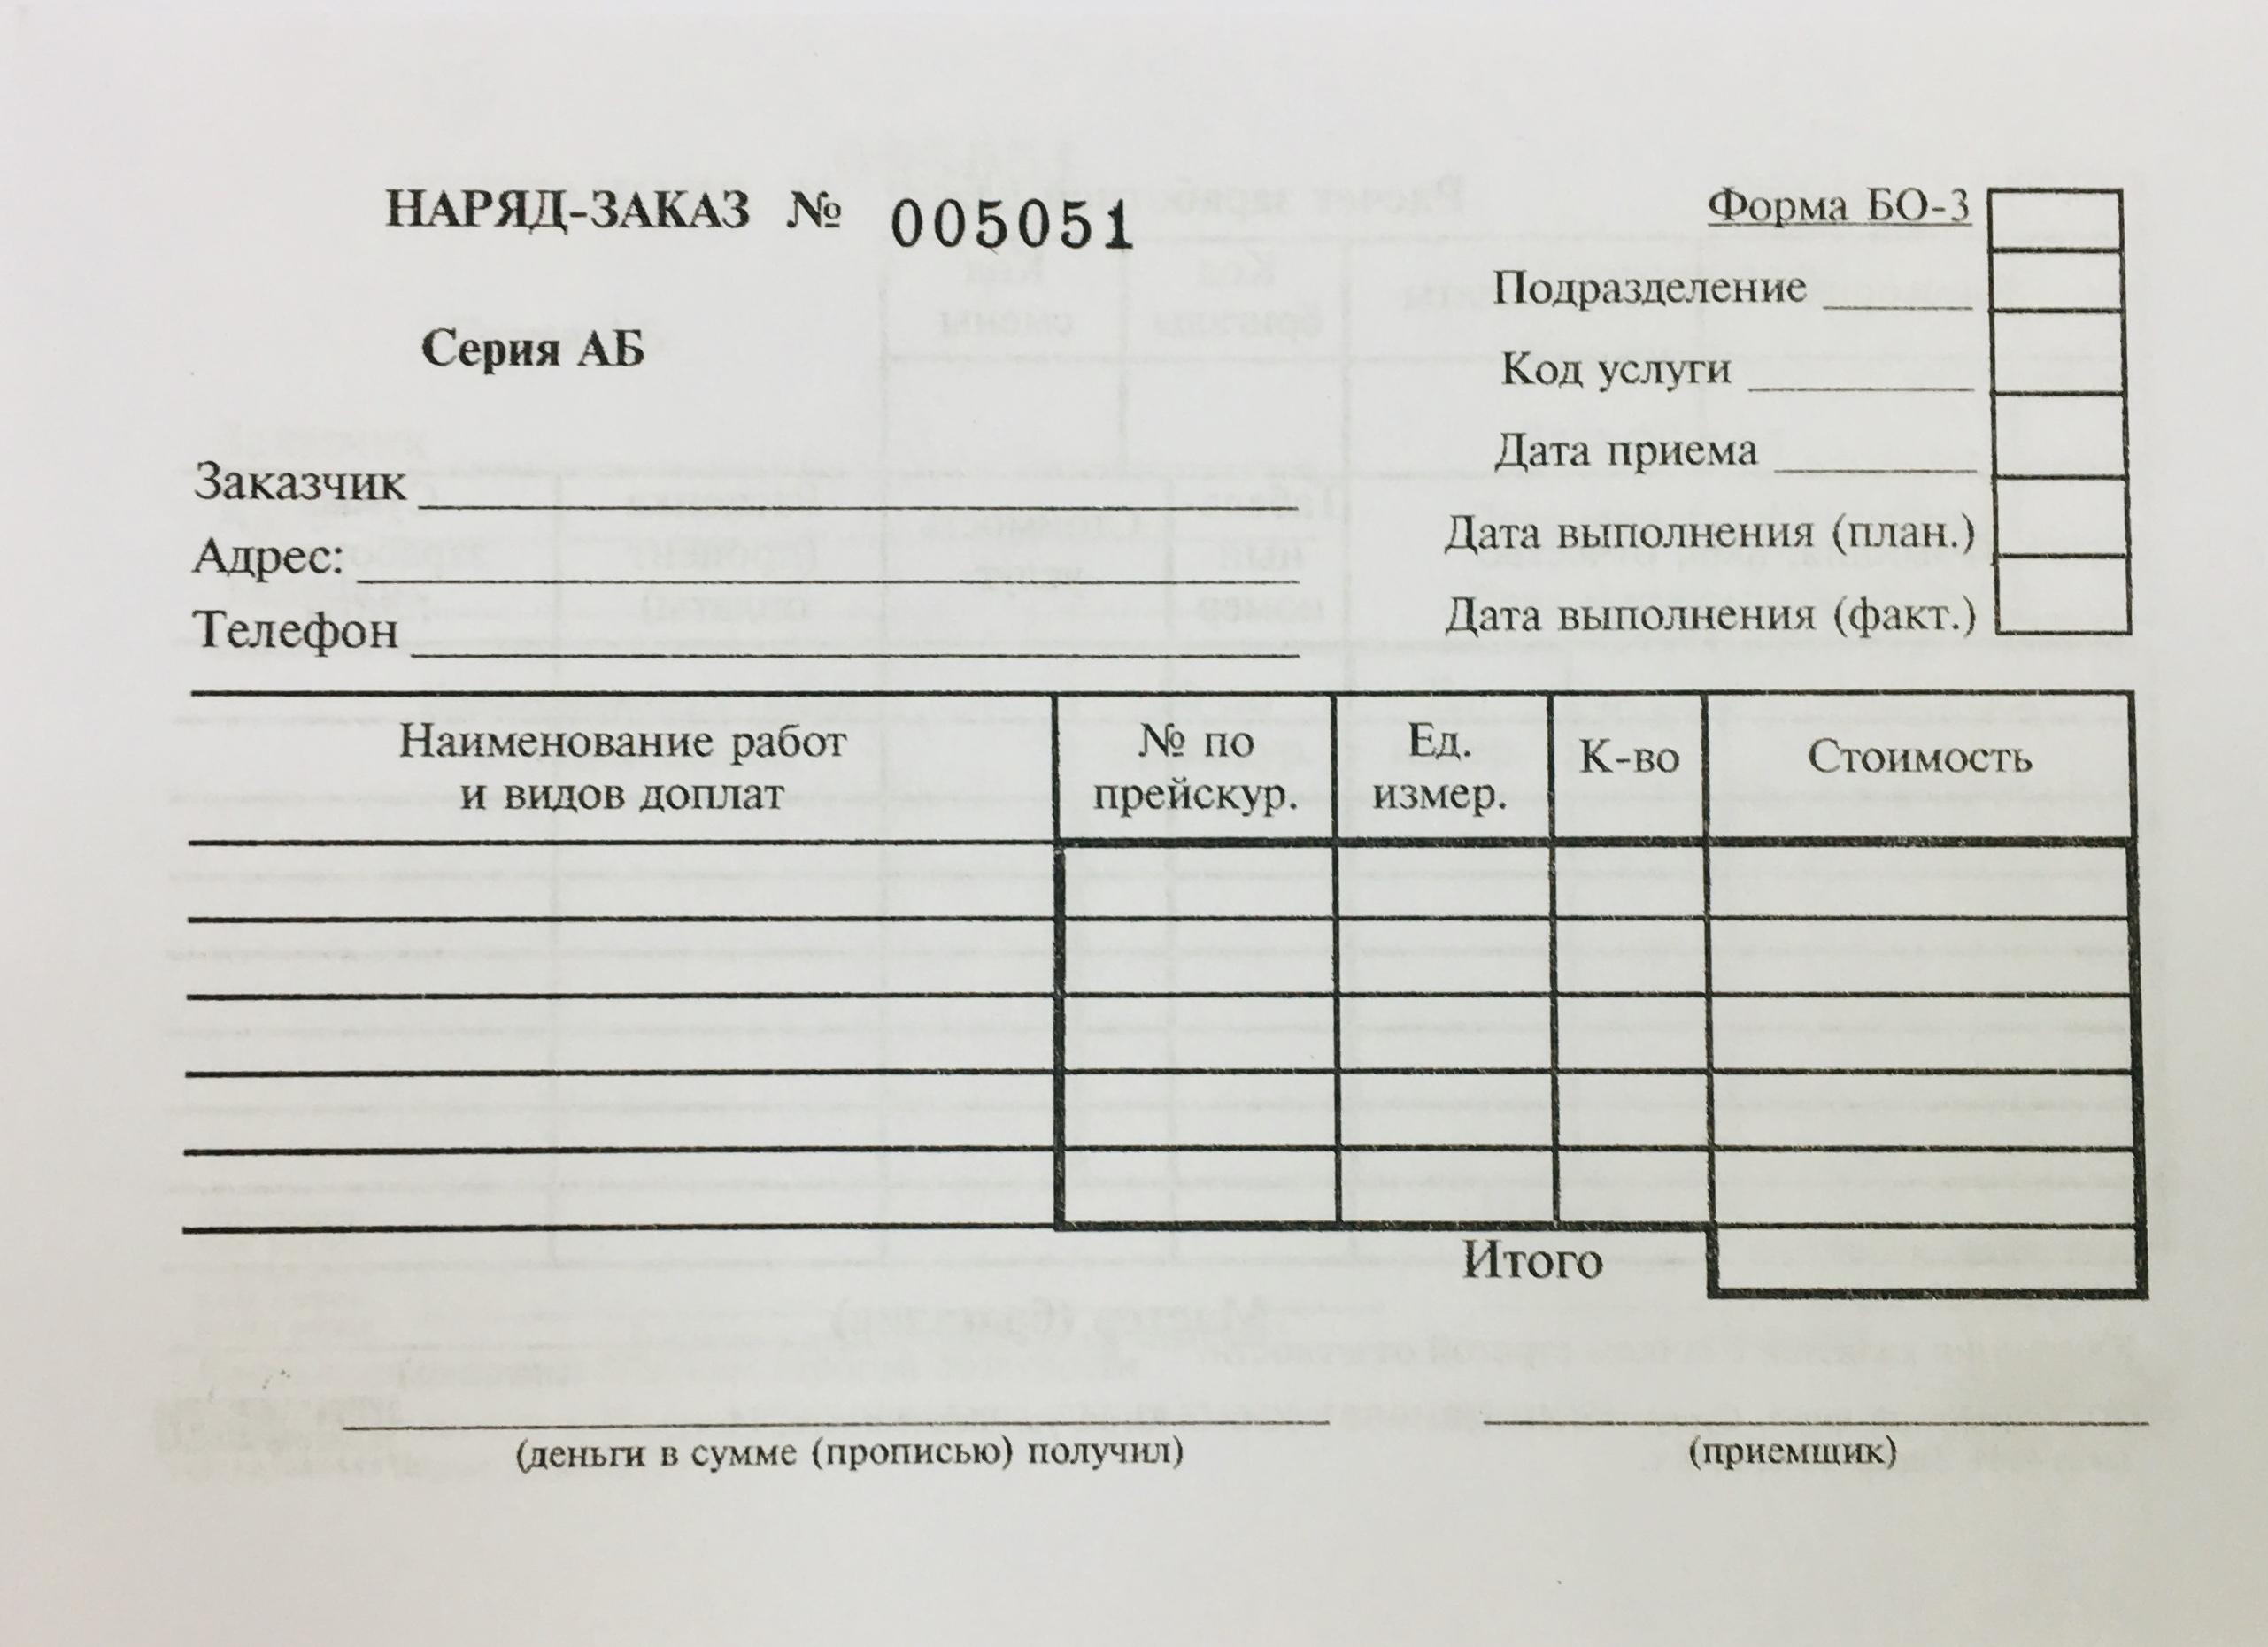 Бланки строгой отчетности БО-3